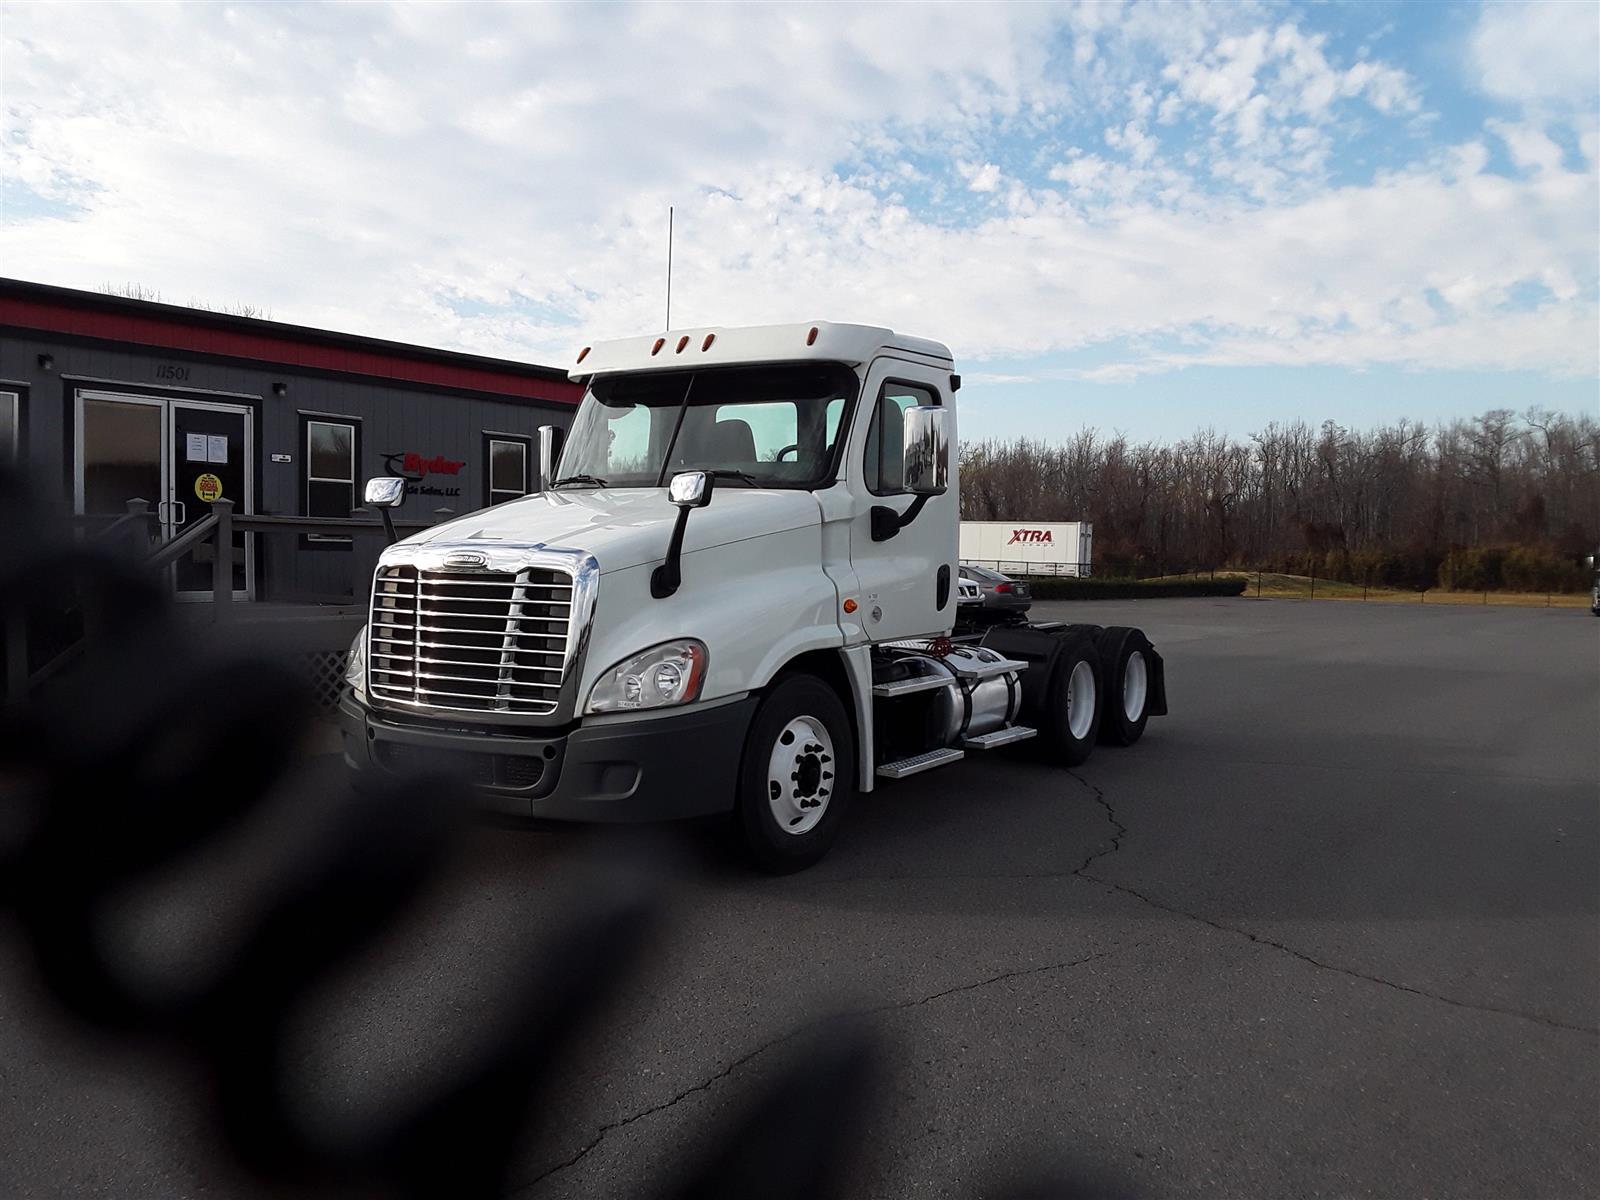 2017 Freightliner Truck 6x4, Tractor #674926 - photo 1